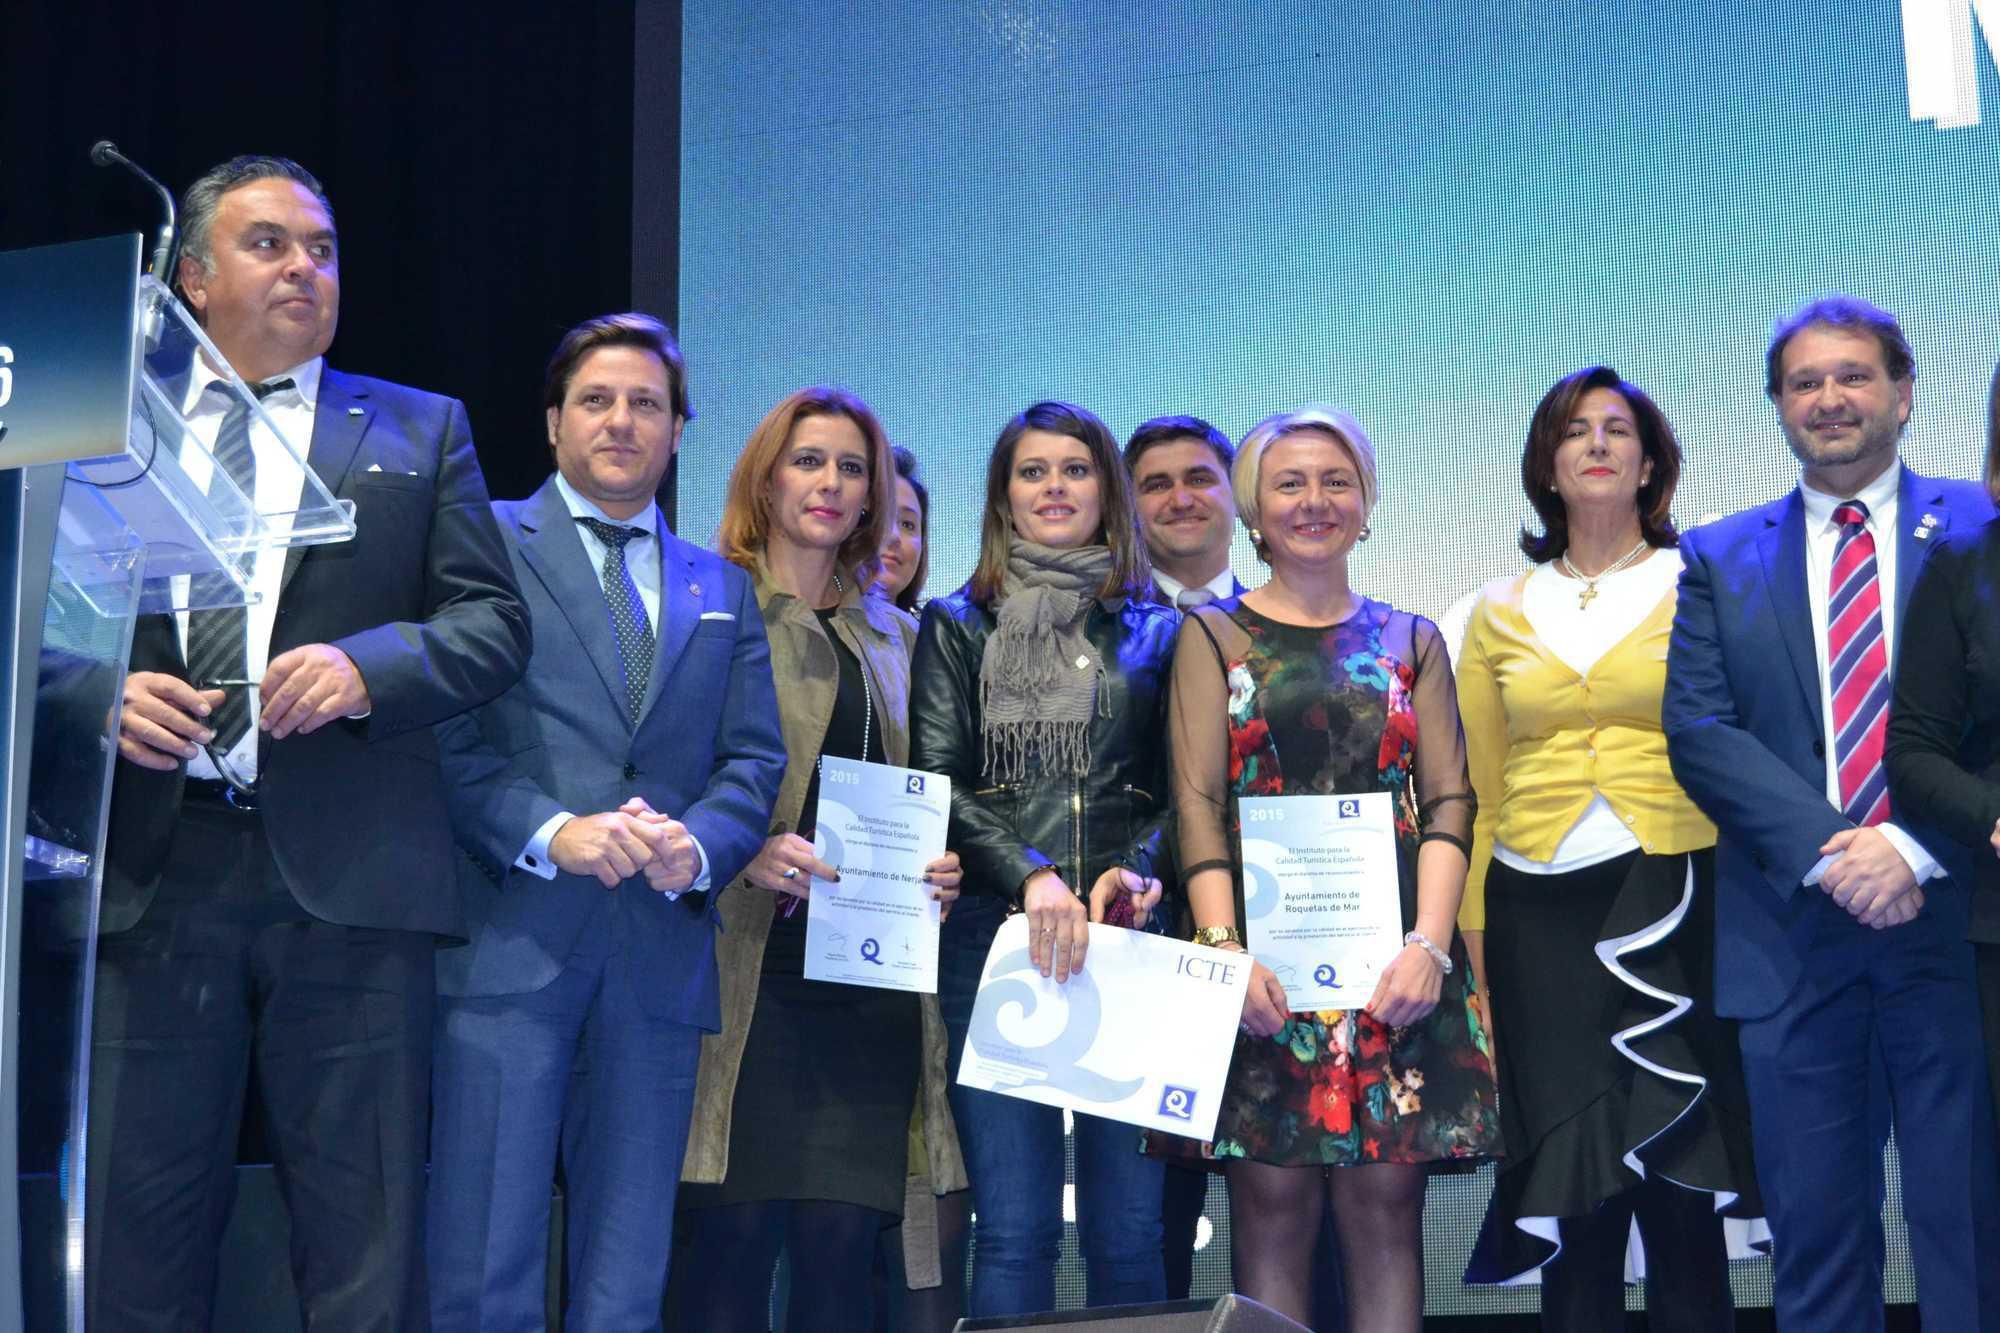 El Ayuntamiento de Roquetas de Mar recoge en Madrid seis certificaciones Q de Calidad Turística